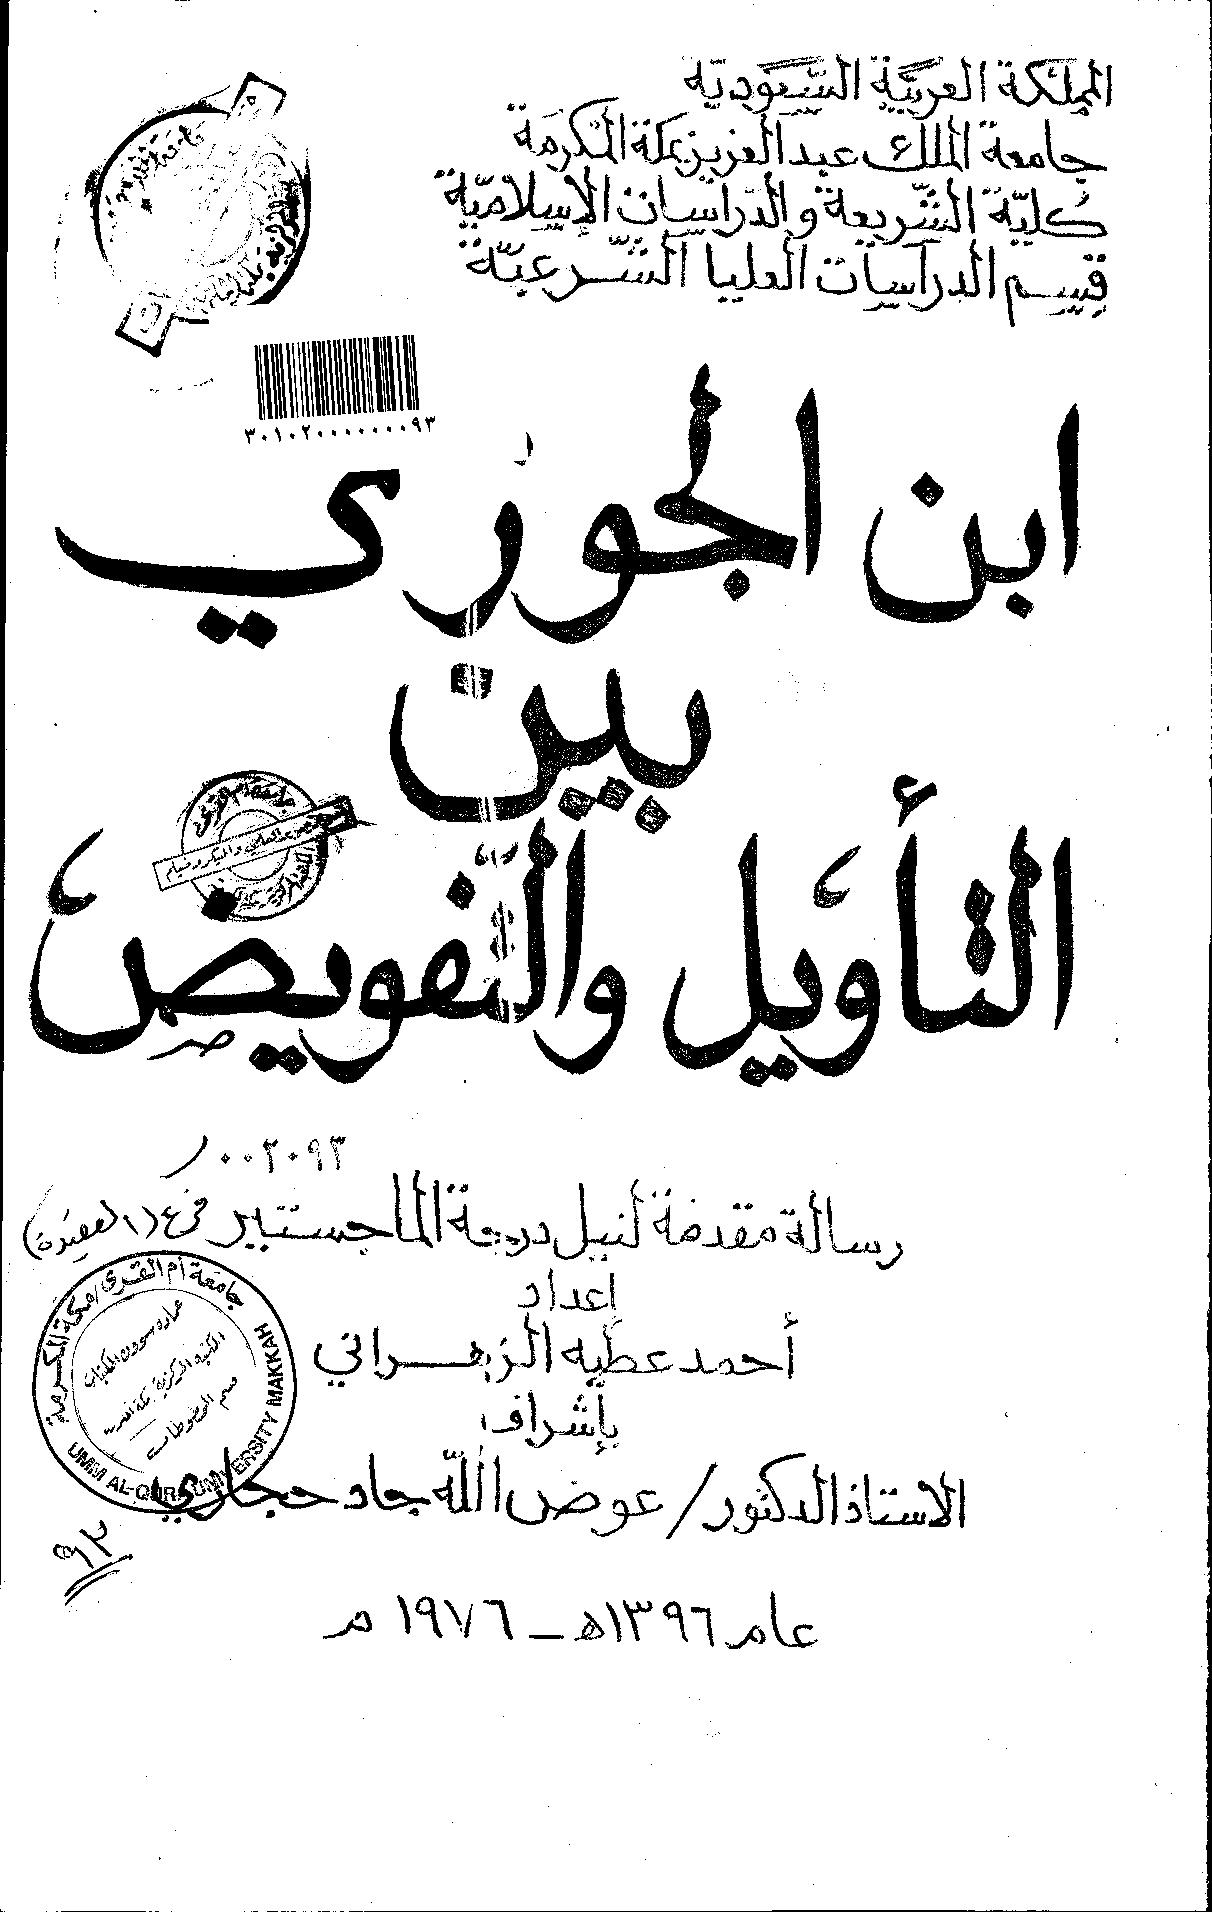 تحميل كتاب ابن الجوزي بين التأويل والتفويض لـِ: أحمد عطية الزهراني